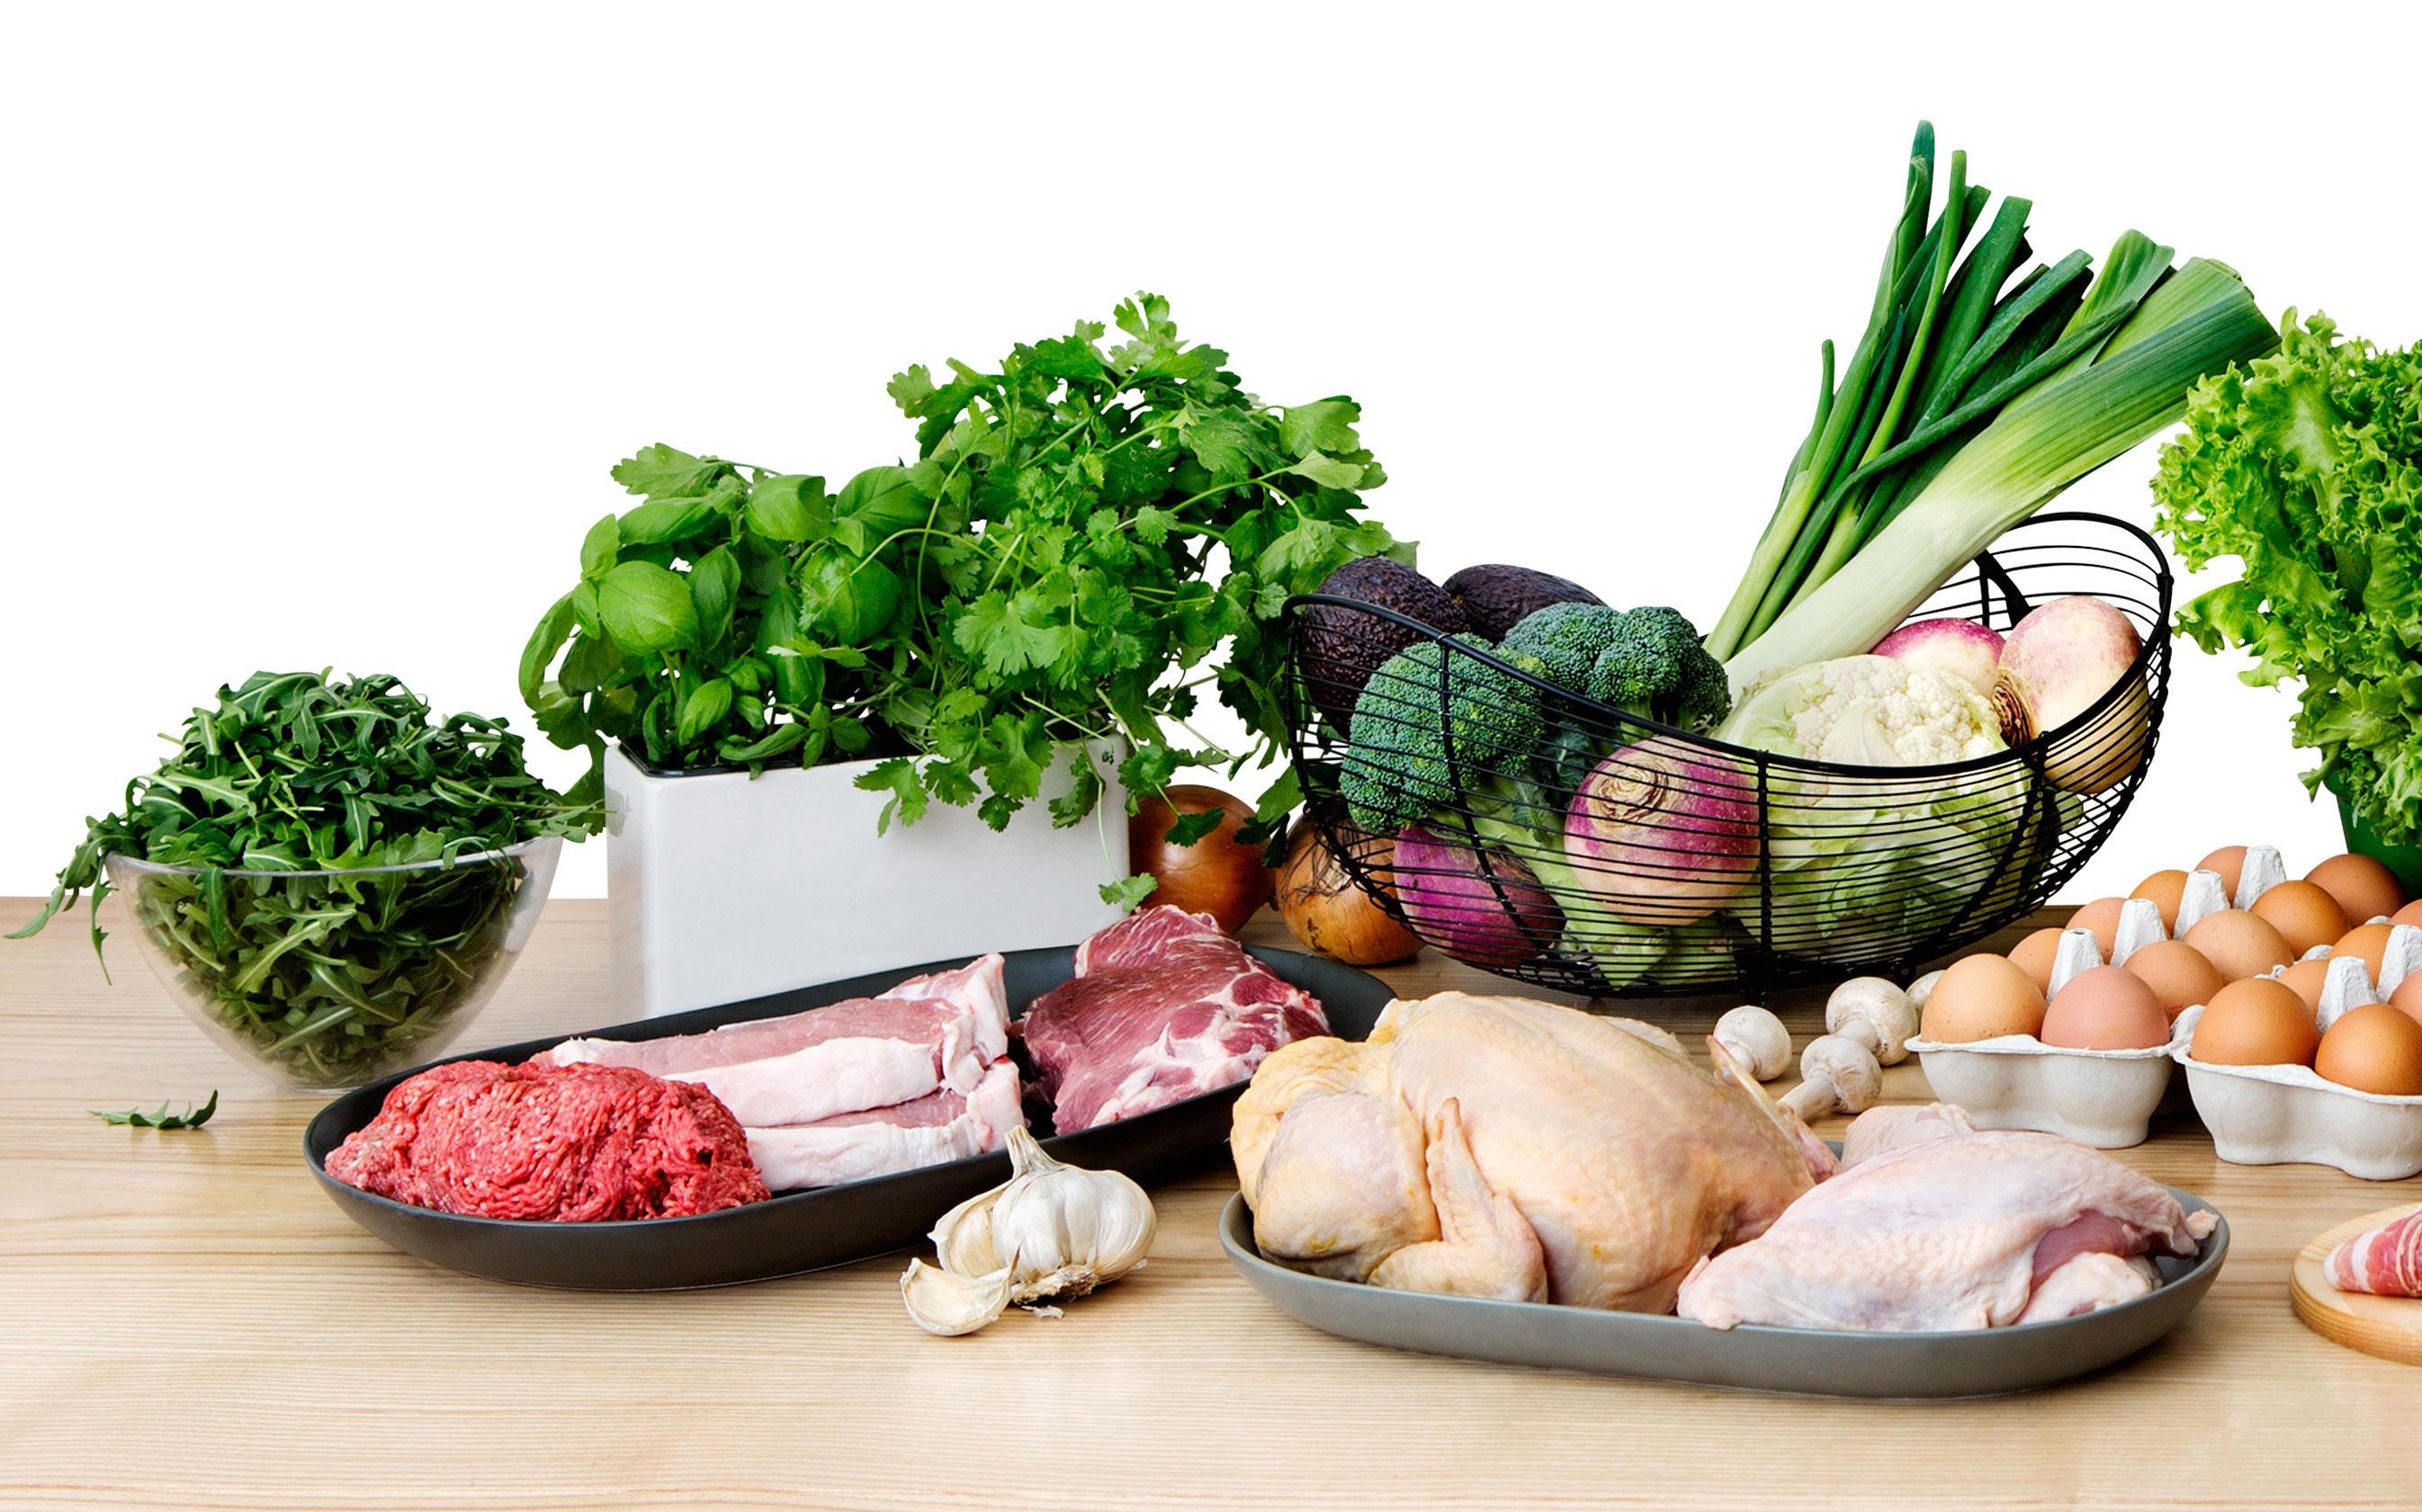 Listado de alimentos sin proteina de vaca mexico